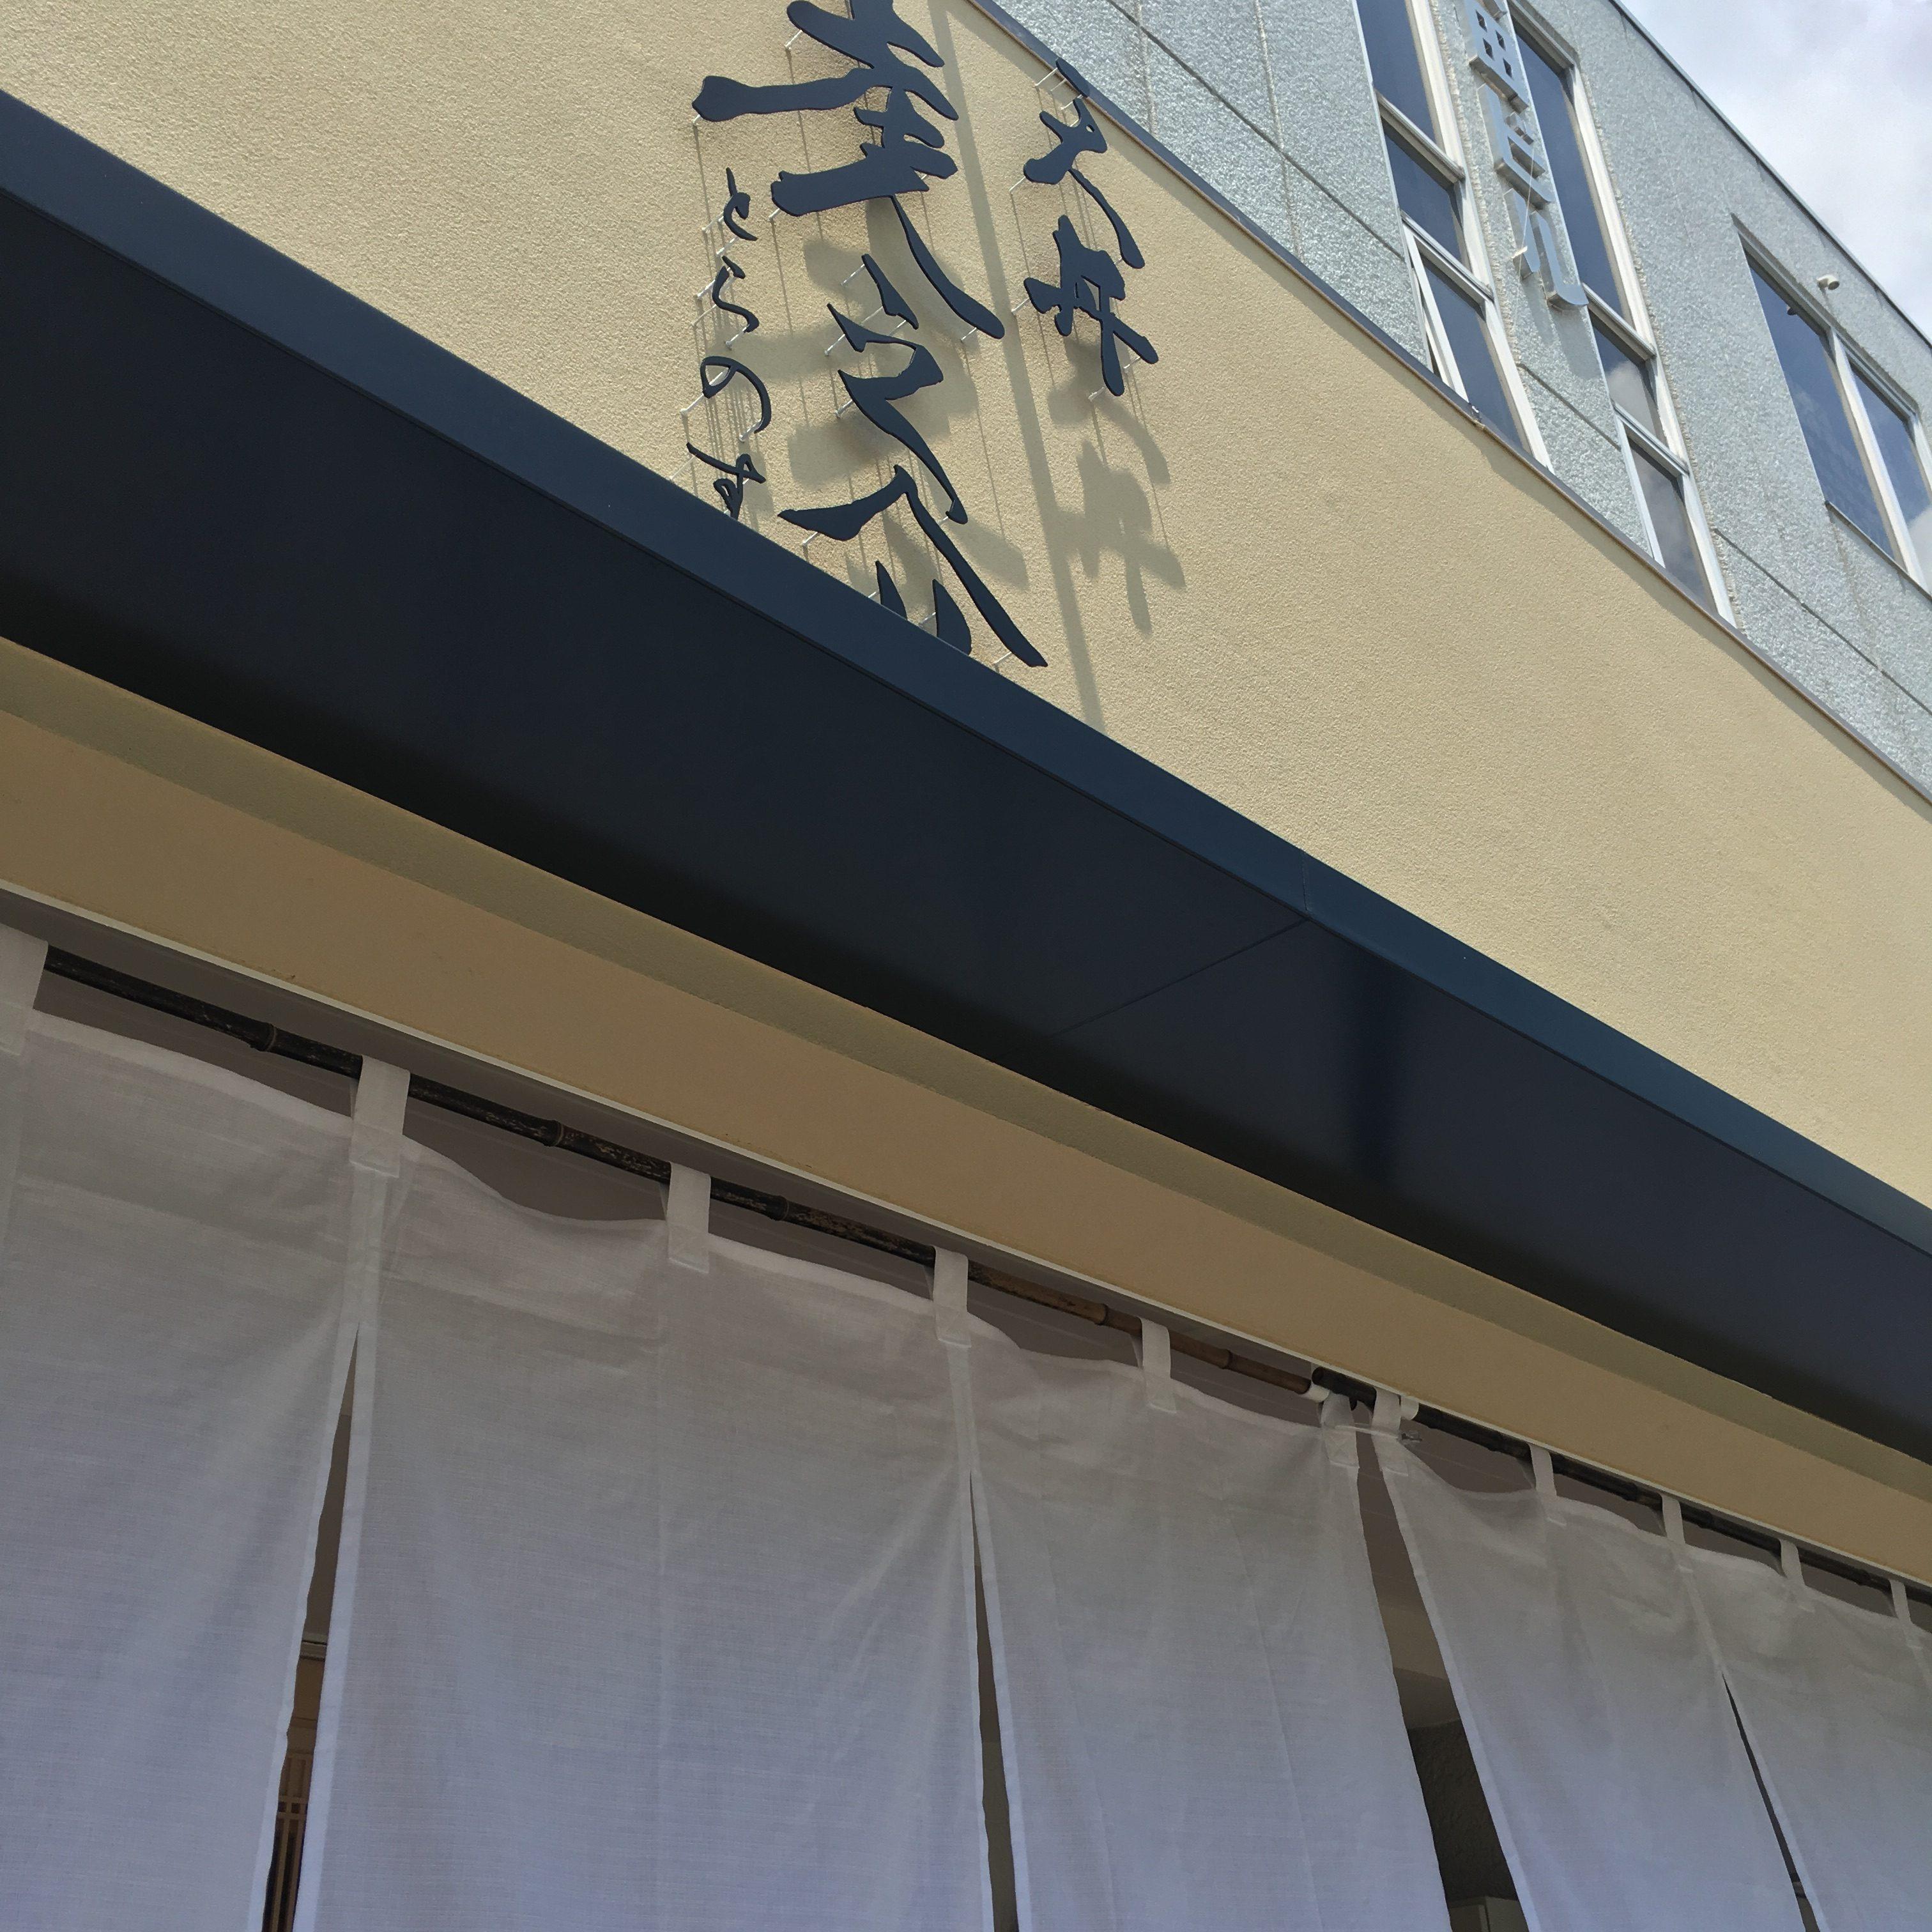 【天丼虎之介】熊本保田窪にある大人限定!天丼専門店メニュー紹介